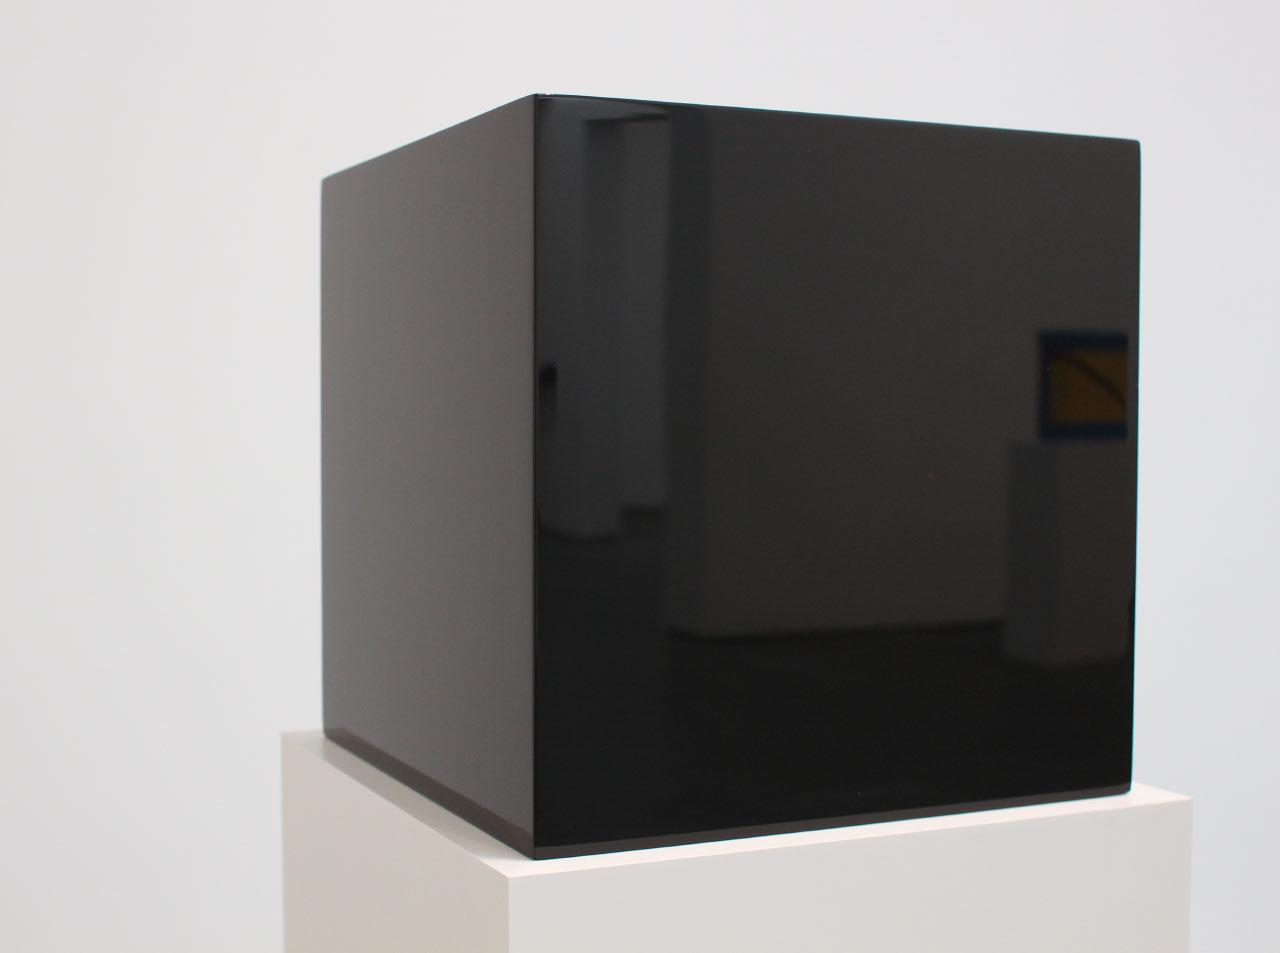 Reflecting In The Sculptures of John McCracken